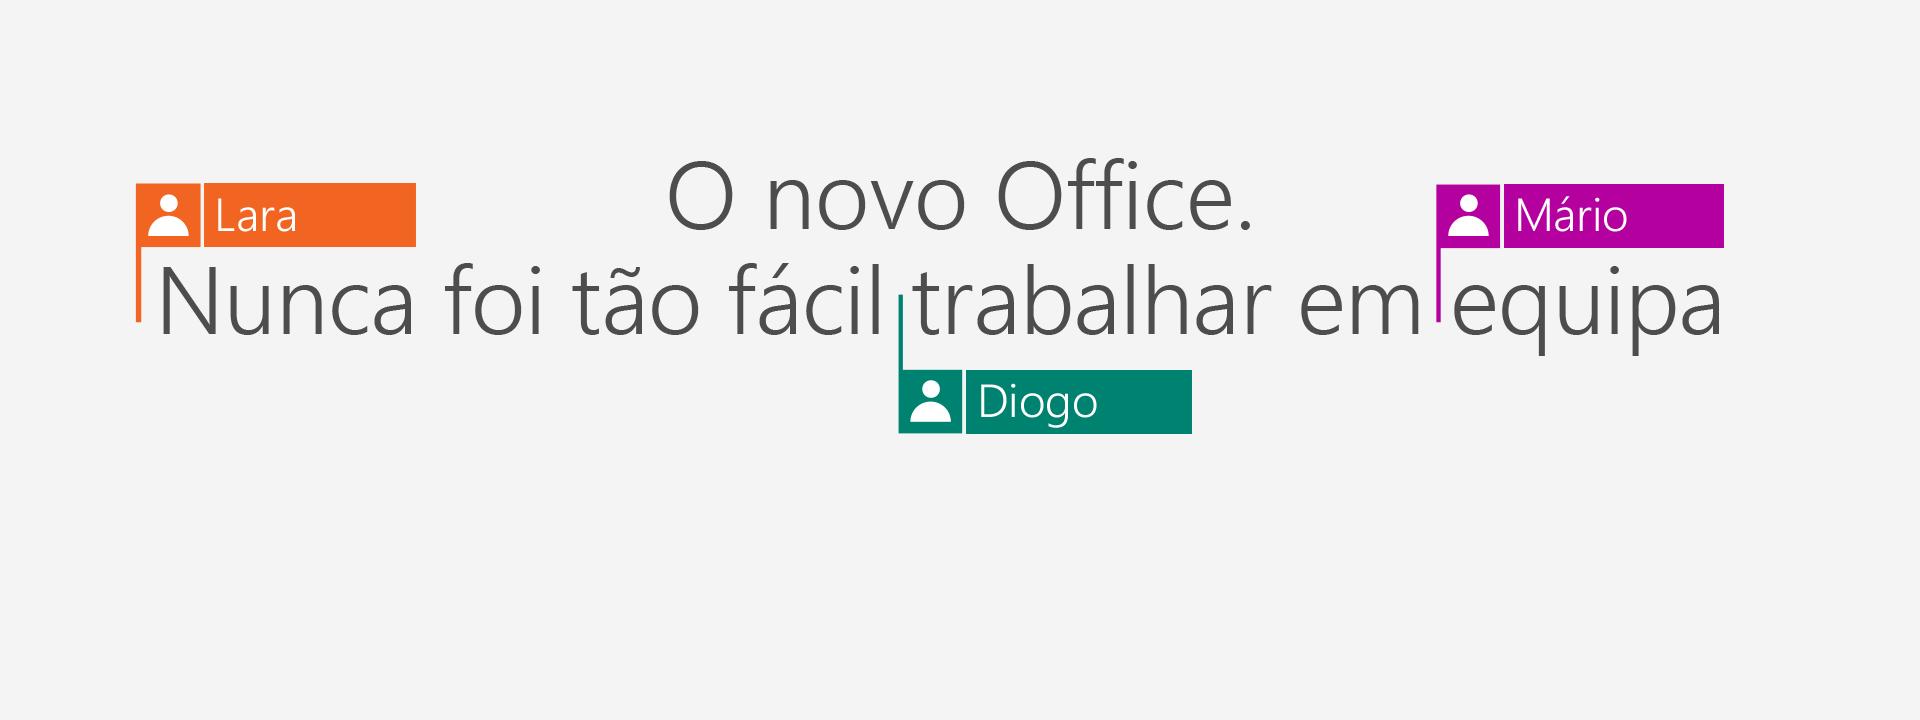 Compre o office 365 e obtenha as novas aplicações de 2016.